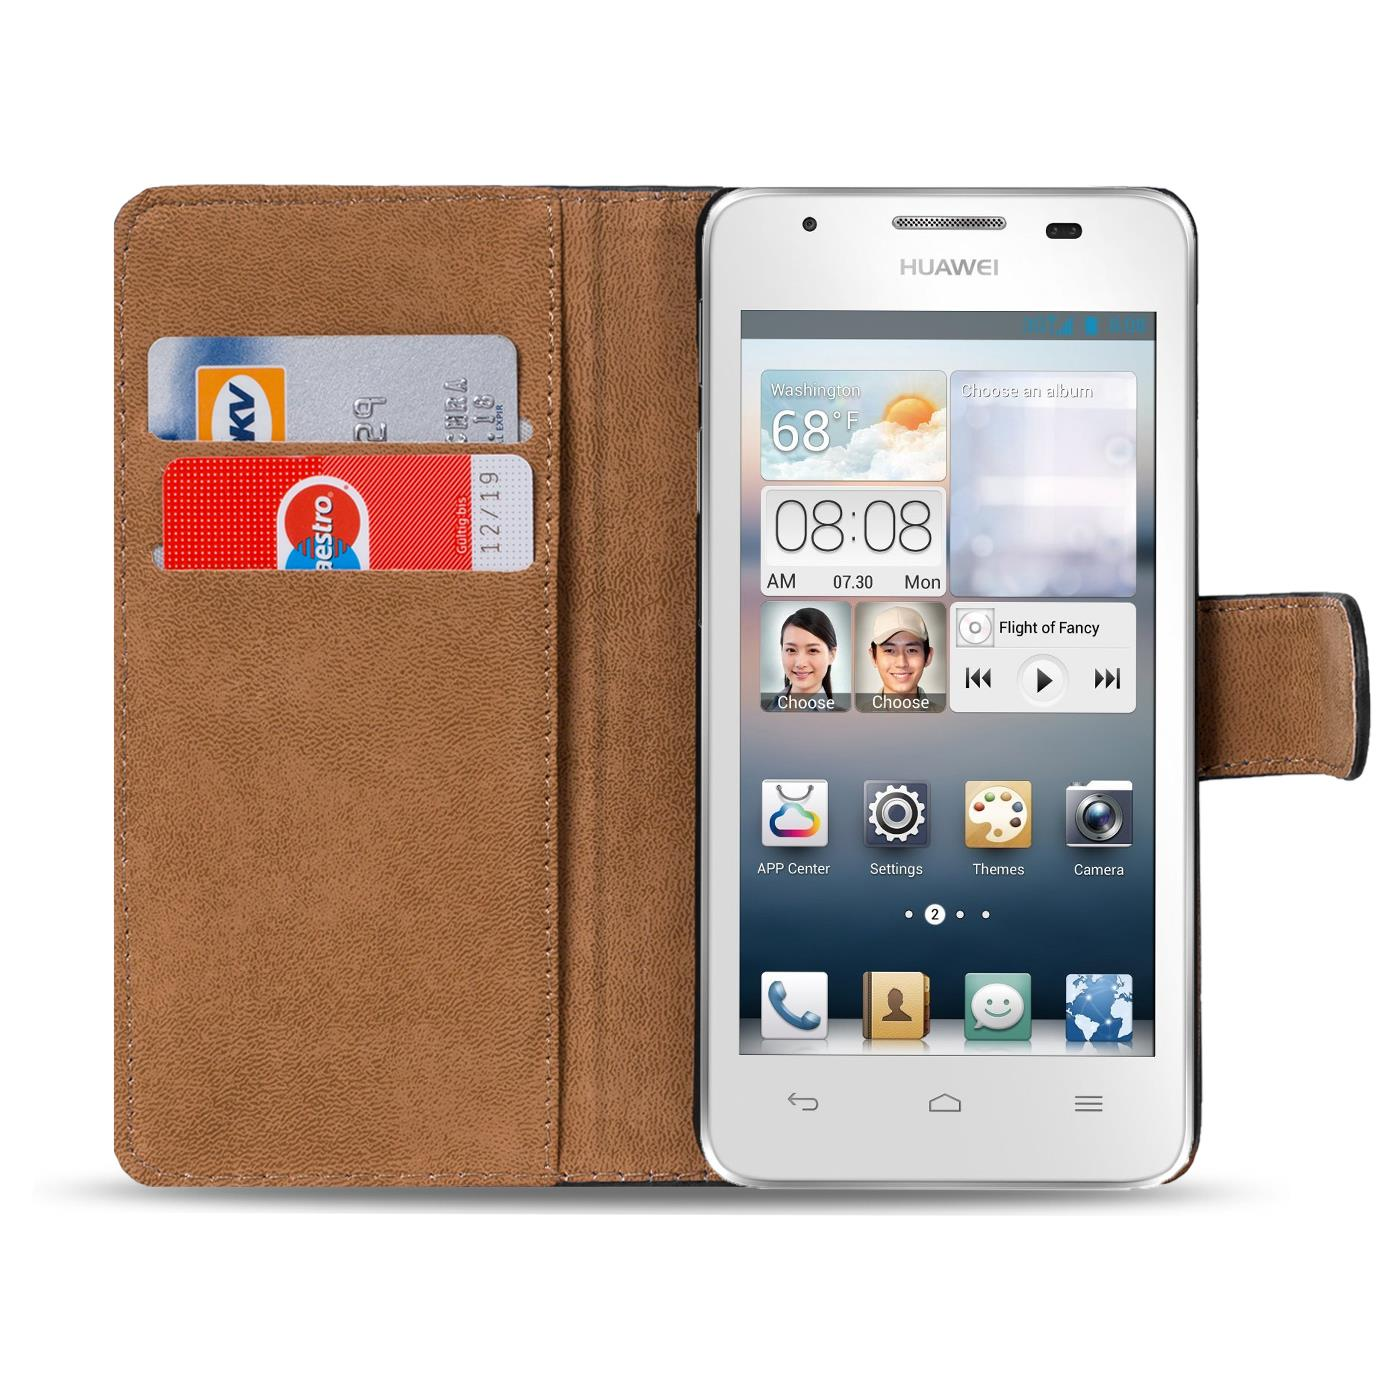 Handy-Huelle-fuer-Huawei-Y530-Case-Schutz-Tasche-Cover-Basic-Flip-Etui-Bookcase